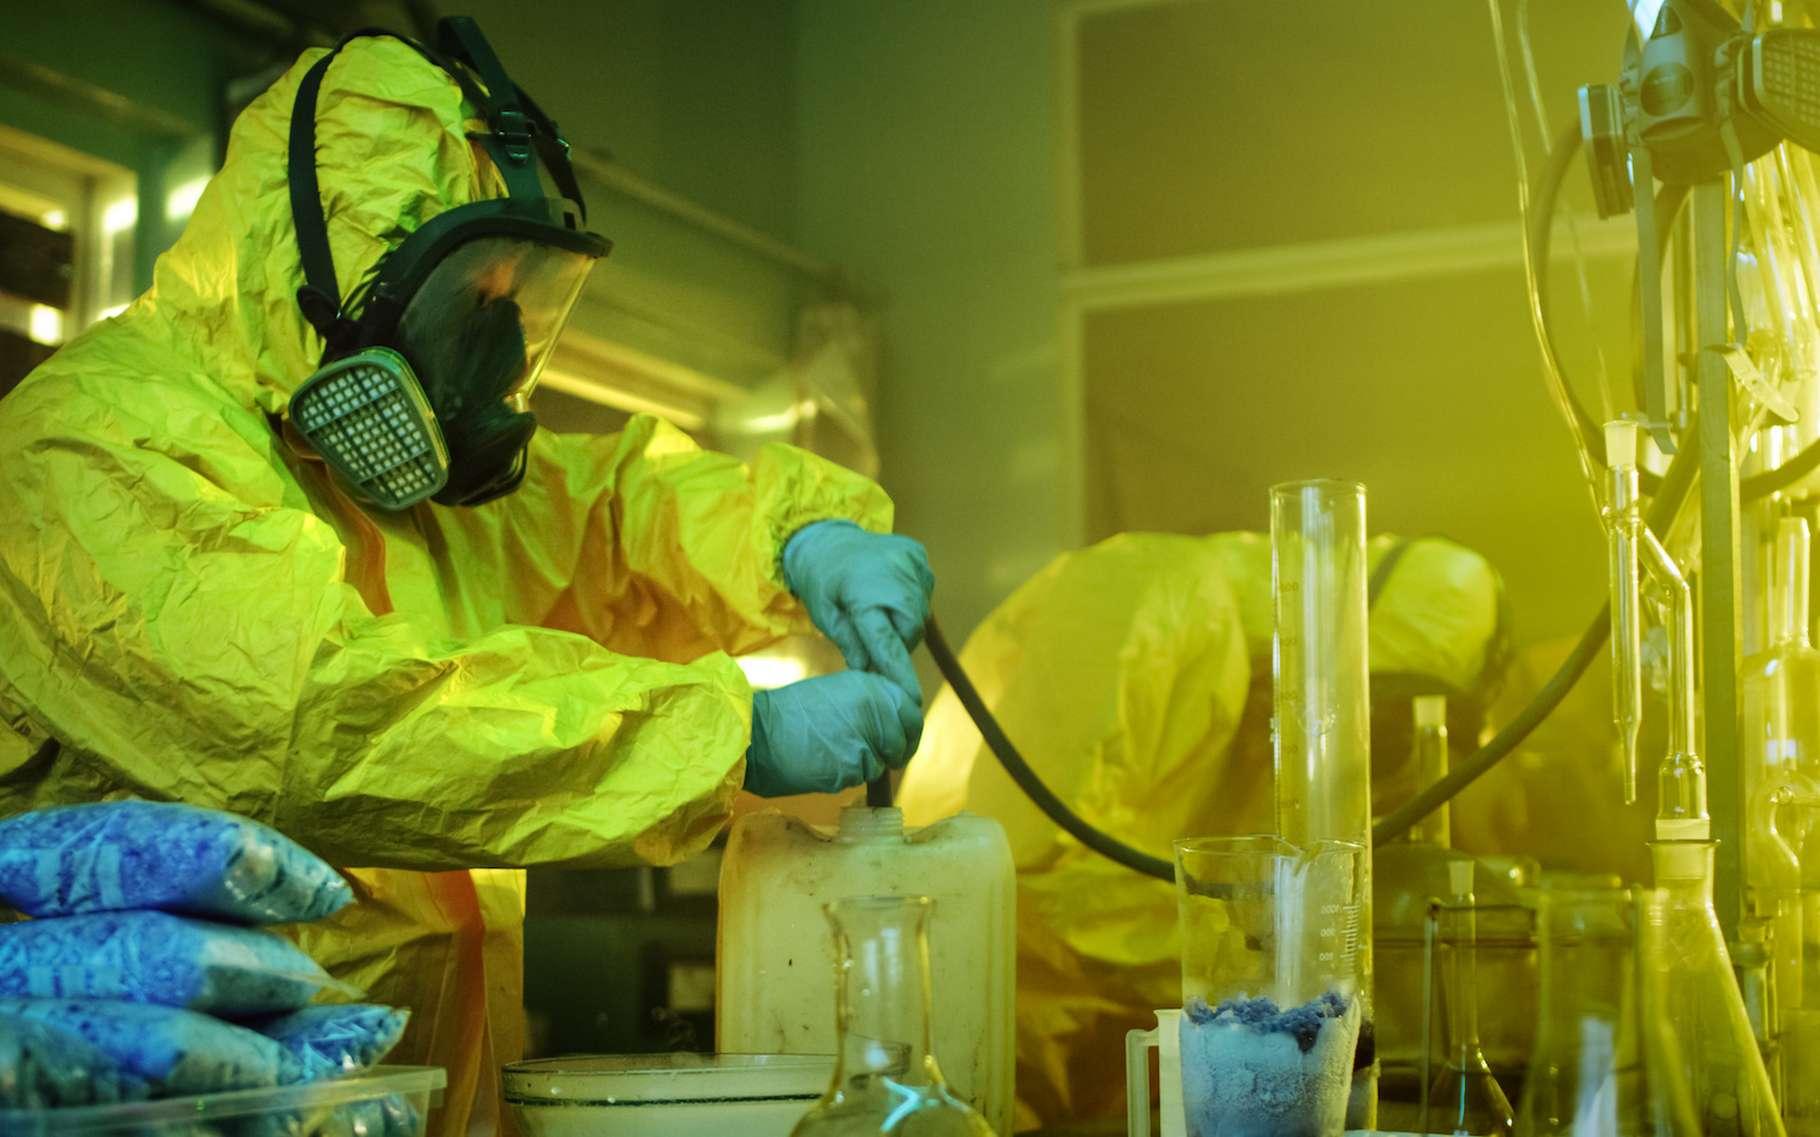 Lorsqu'une maison a abrité un laboratoire clandestin de méthamphétamine, on y trouve des résidus dangereux pendant des années après l'arrêt de la production. © Gorodenkoff, AdobeStock